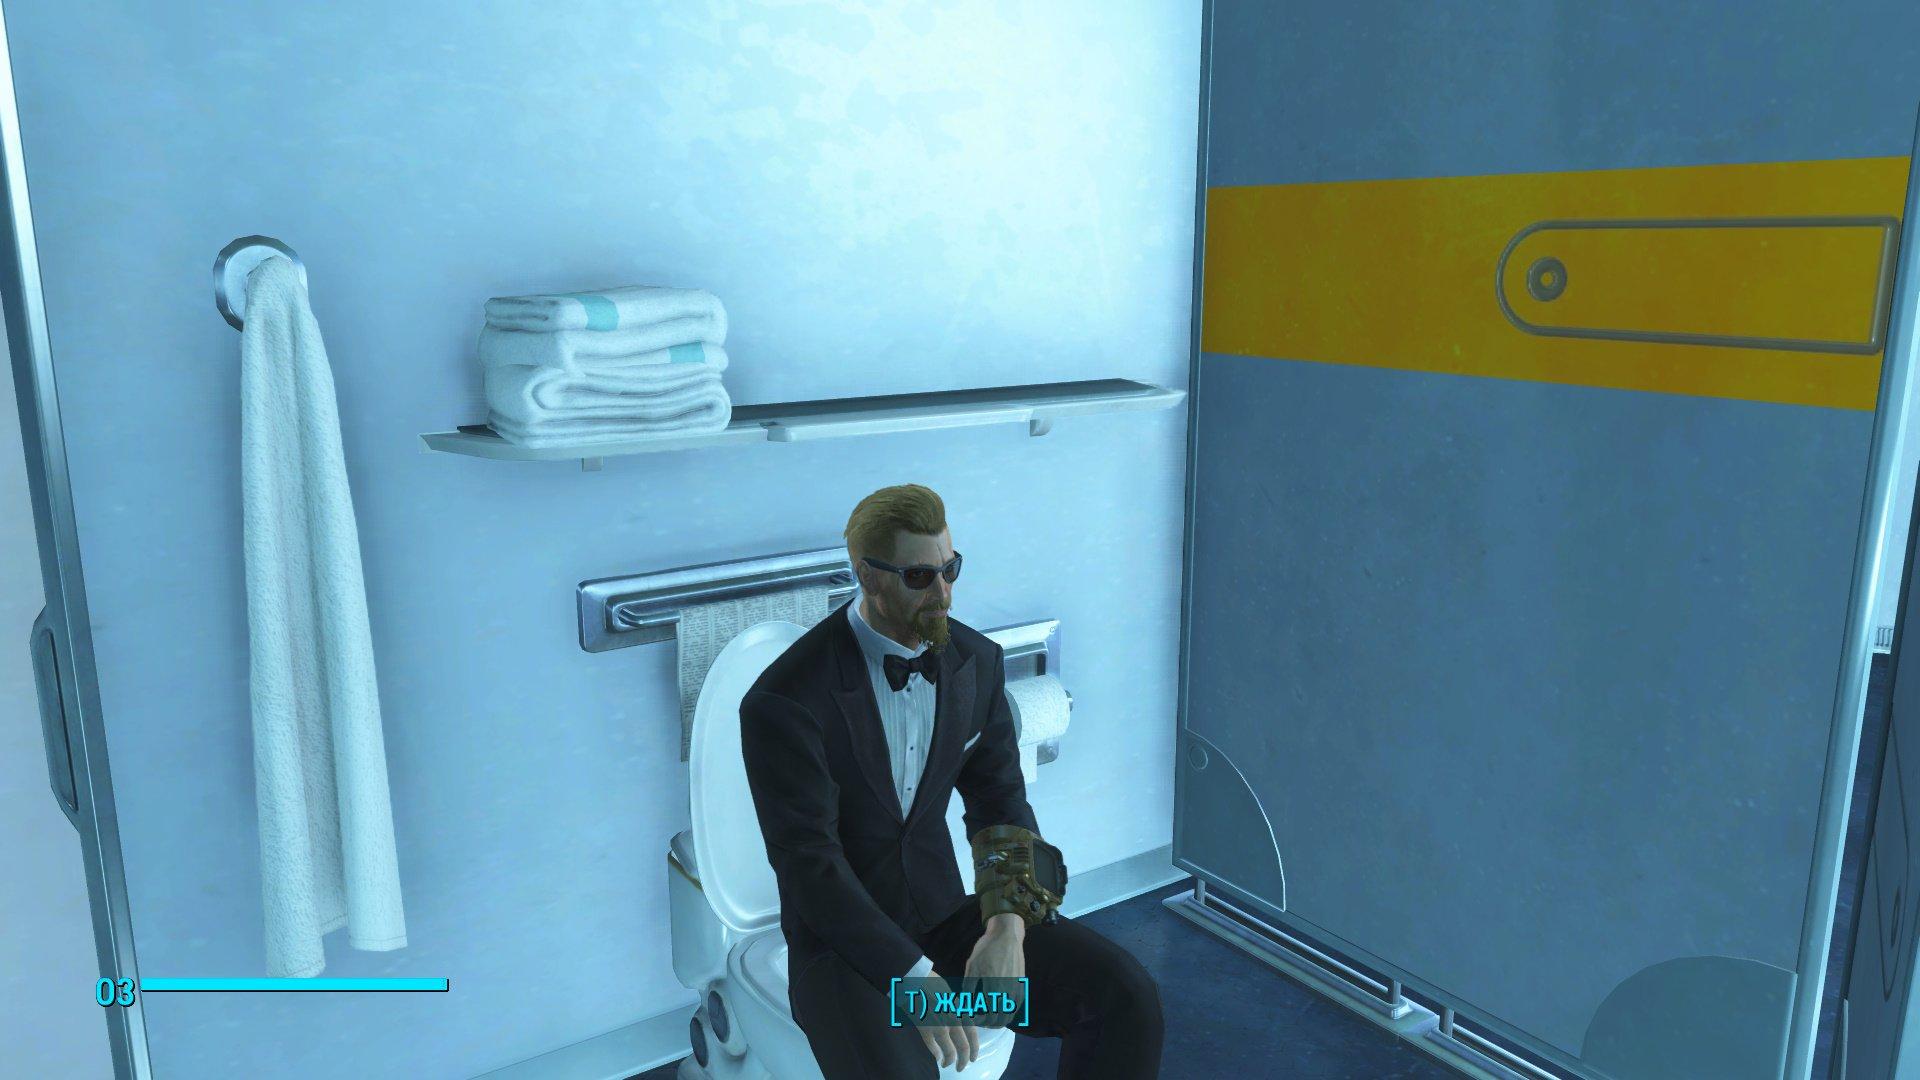 Сравнительный анализ (на самом деле нет) Fallout New Vegas vs. Fallout 4 (часть 1). - Изображение 10